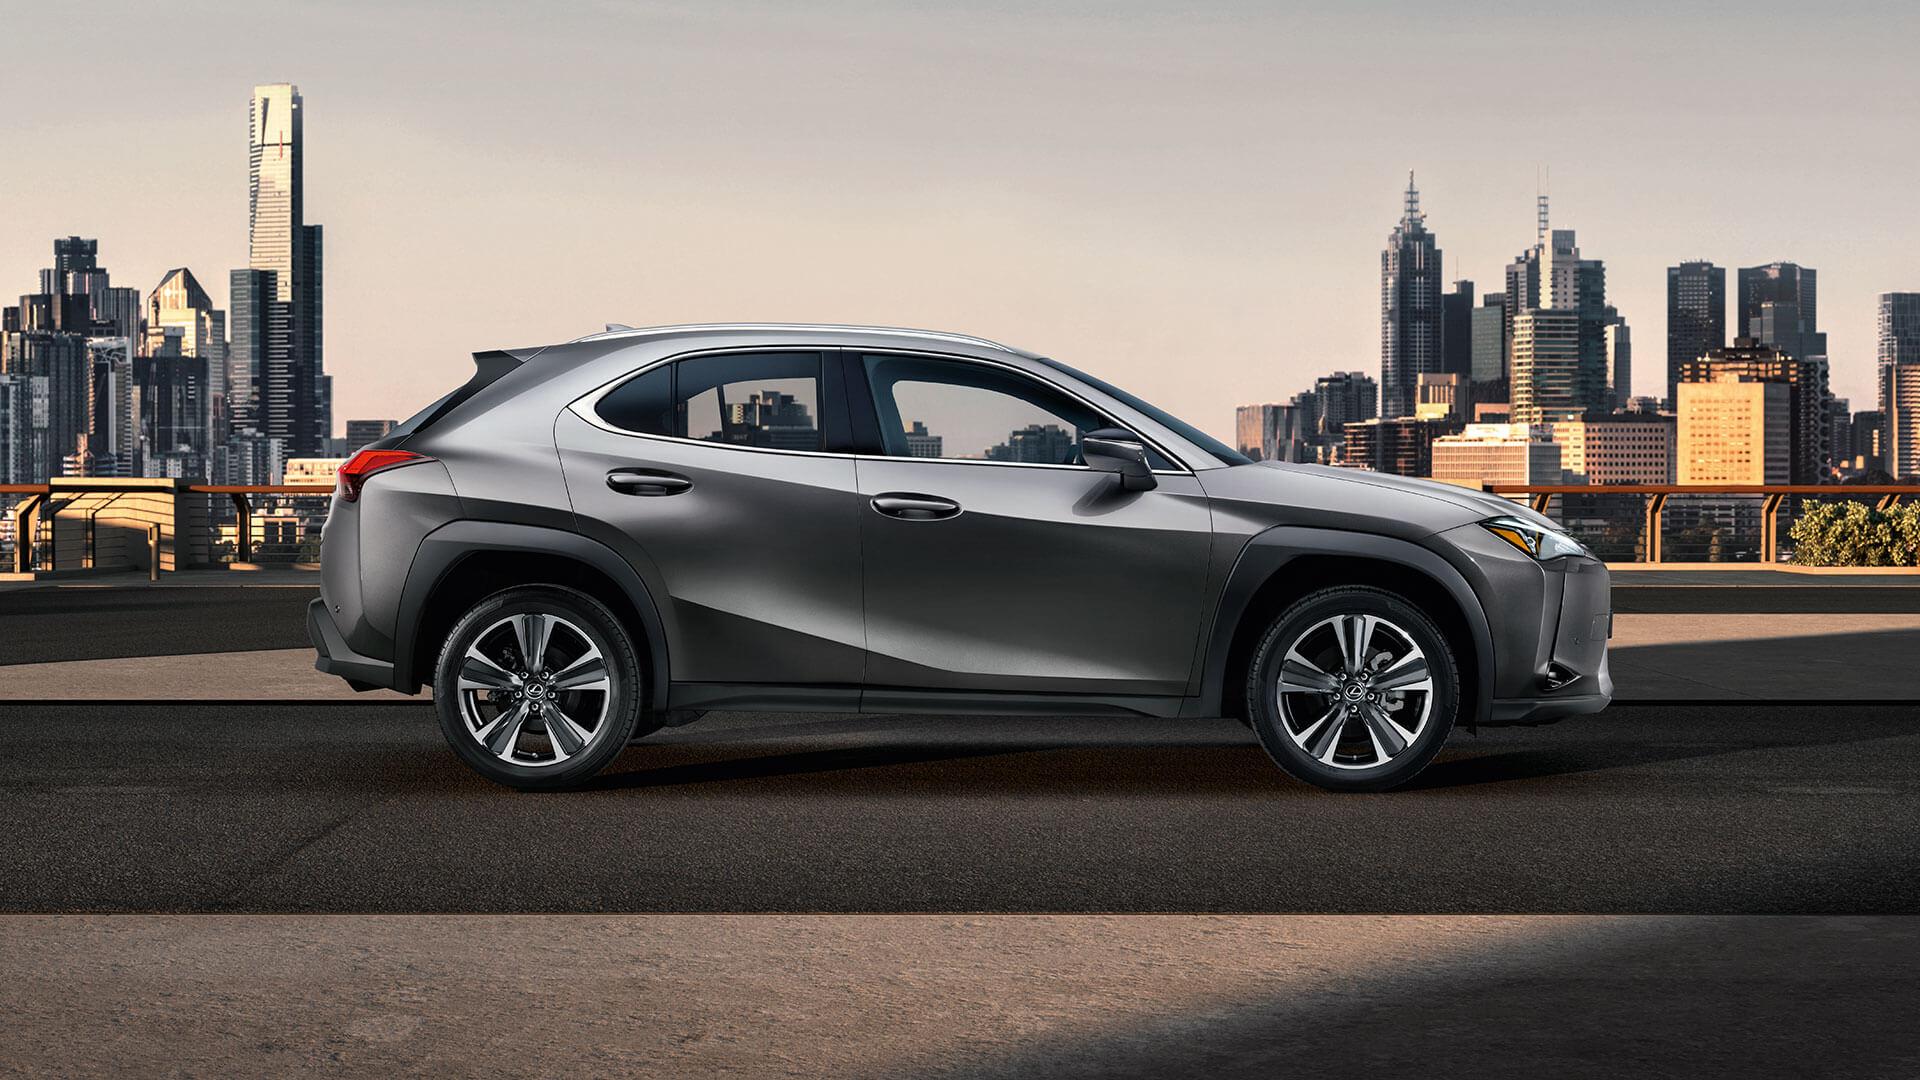 Lexus UX schwarz Seitenansicht vor Stadt